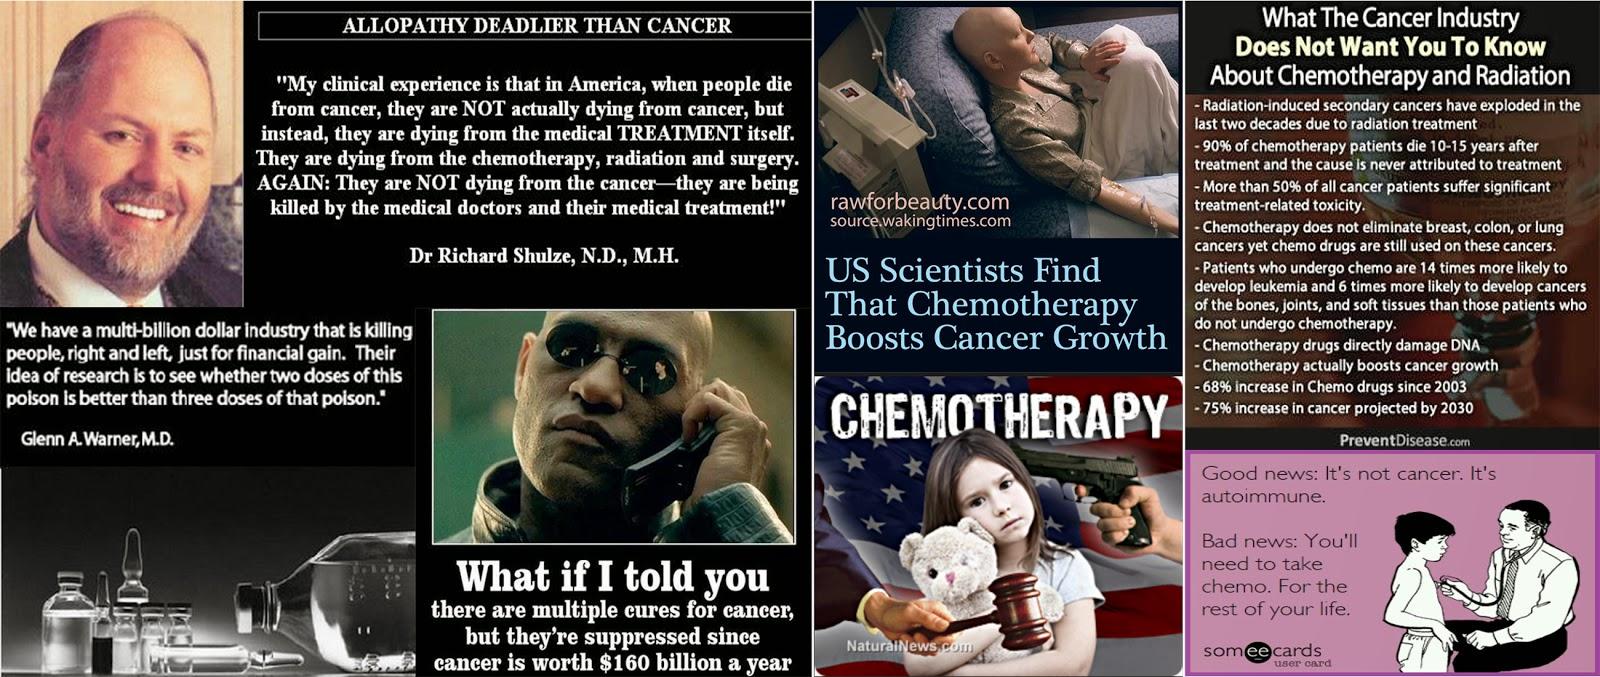 Καρκίνος, και πράγματα που δεν θα σας πουν και δεν γνωρίζετε.  10